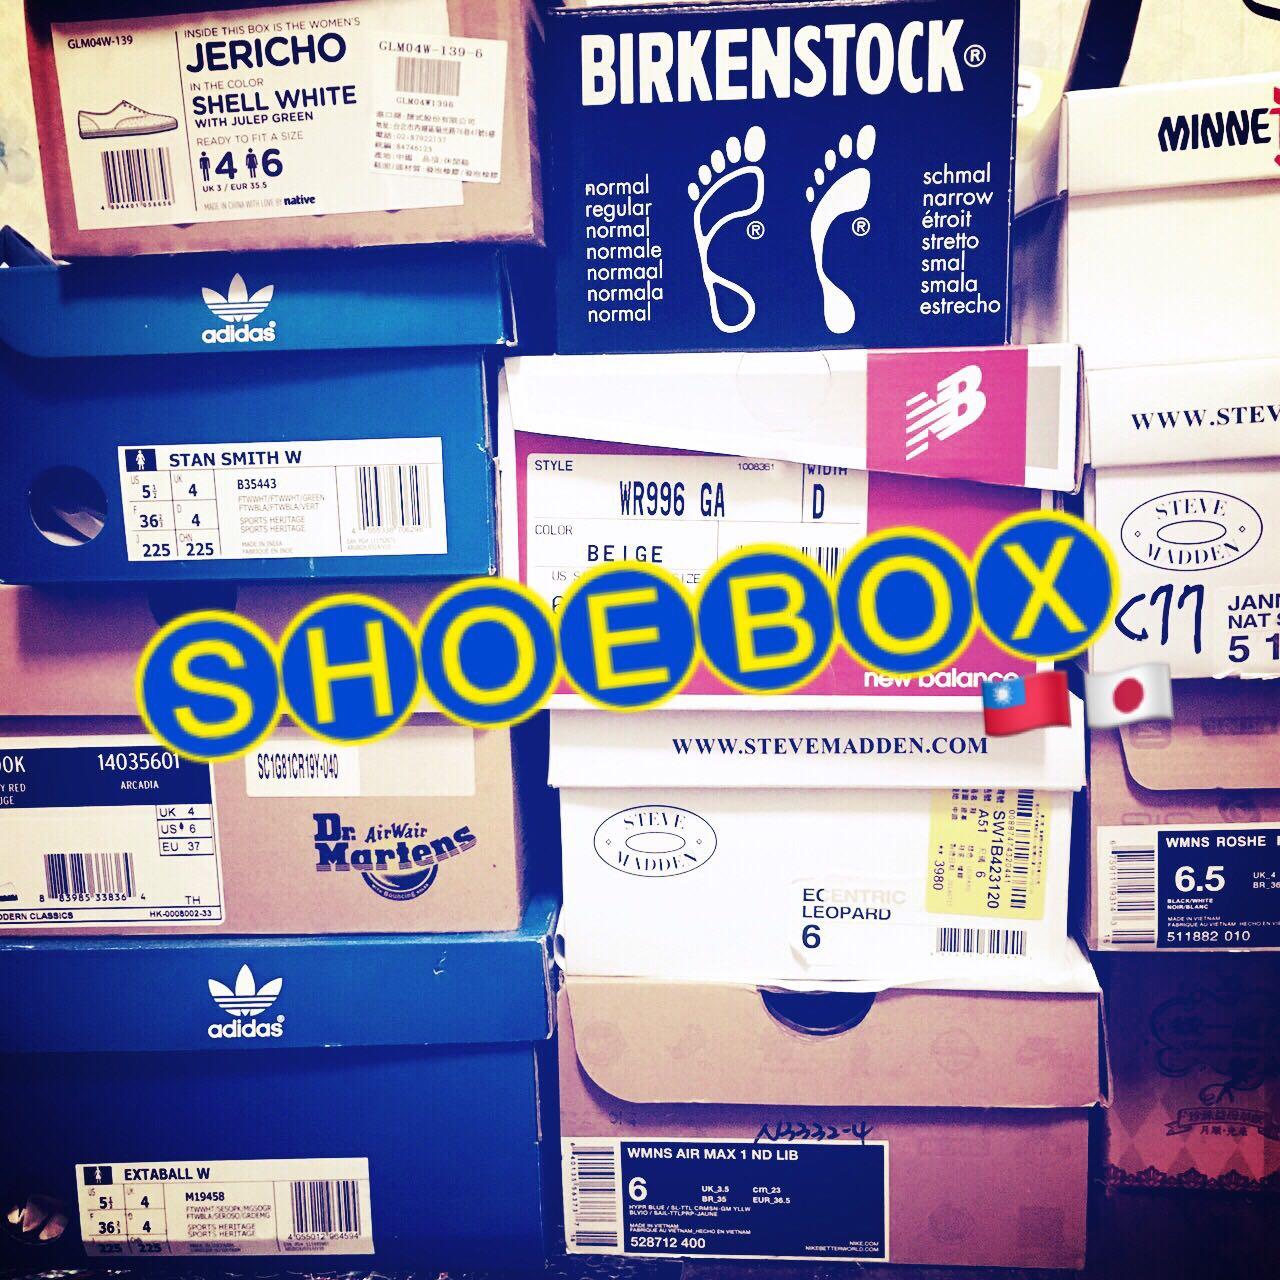 shoebox_jp